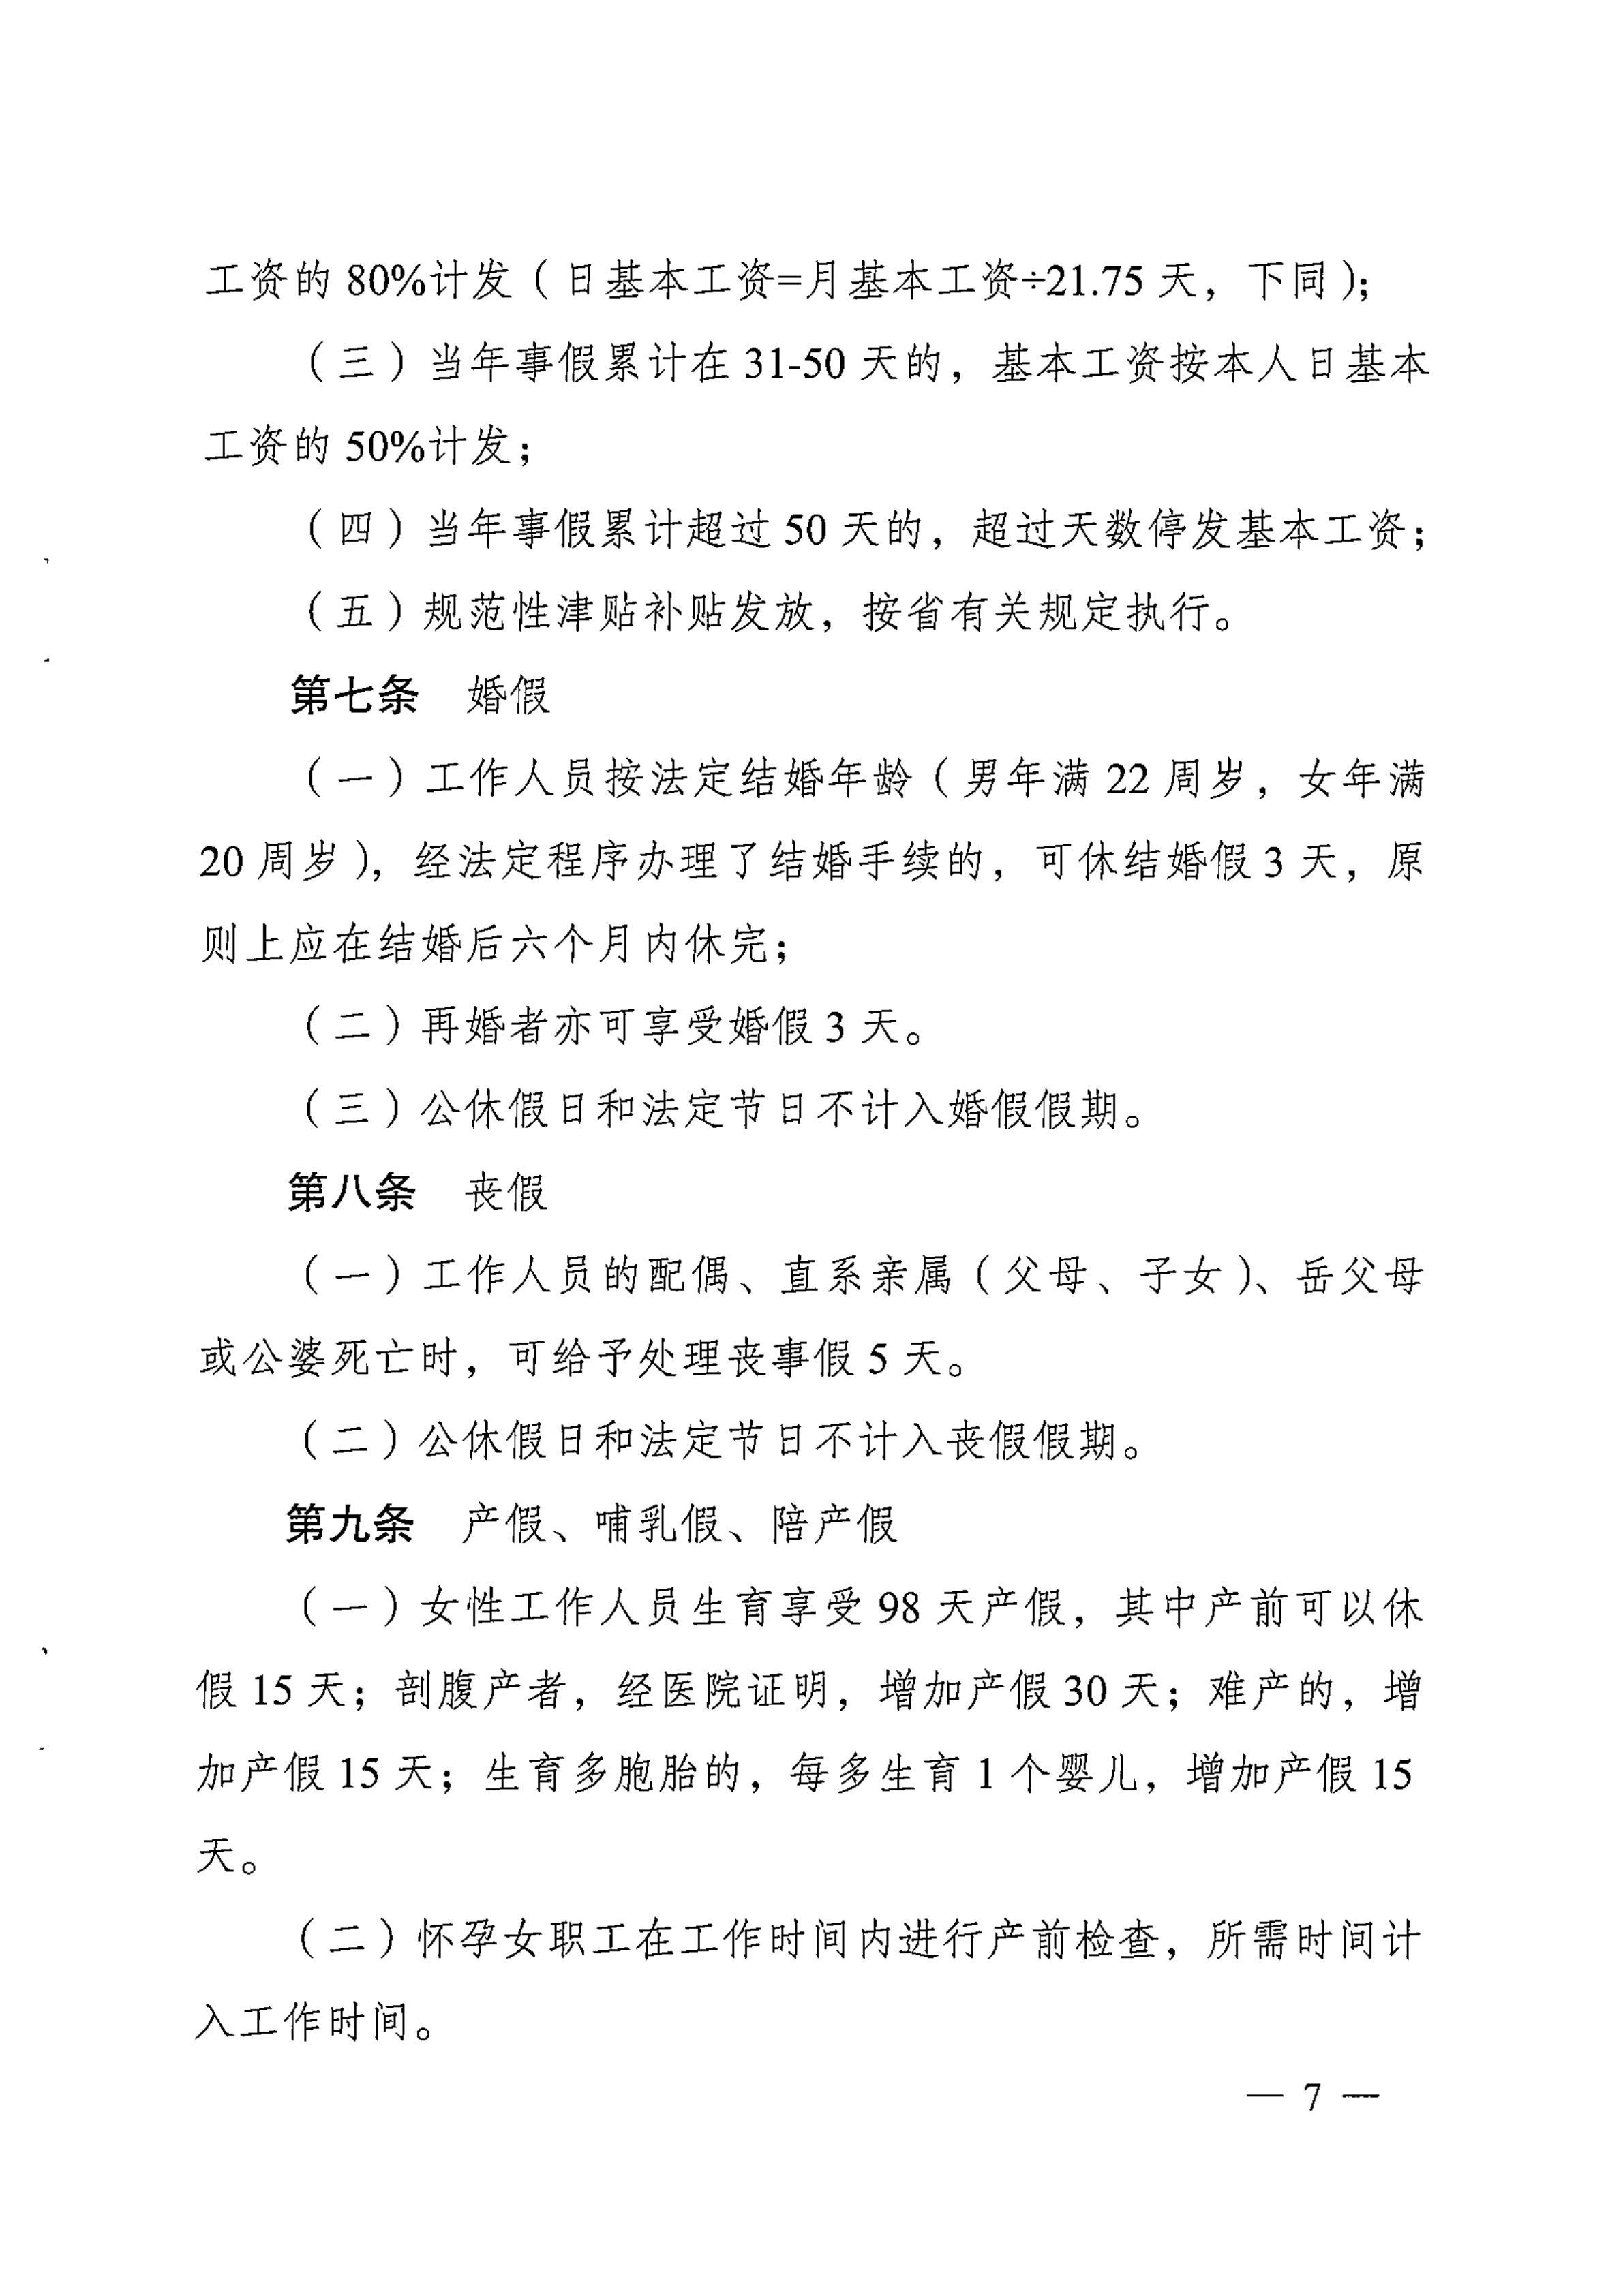 关于印发《广东省人民政府发展研究中心工作人员休假管理办法》的通知_06.jpg